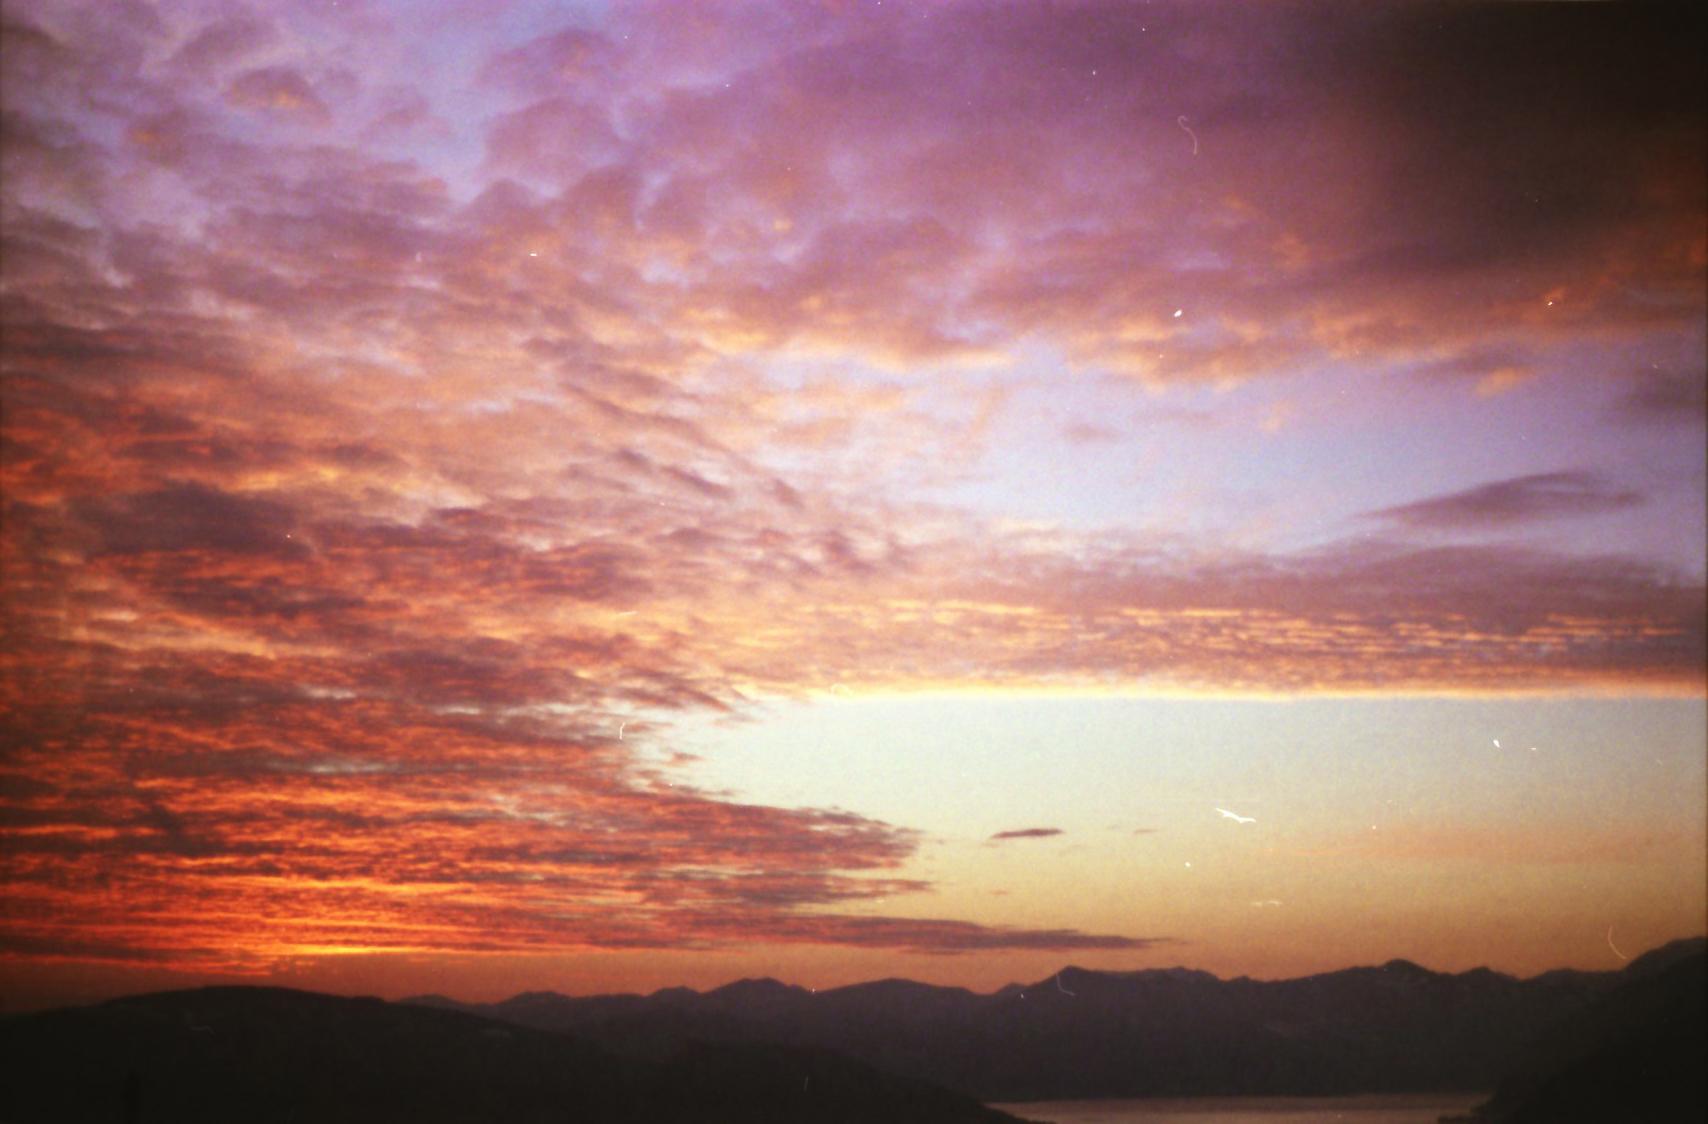 Hintergrundbilder : Sonnenlicht, Sonnenuntergang, Meer, Natur, Liebe ...